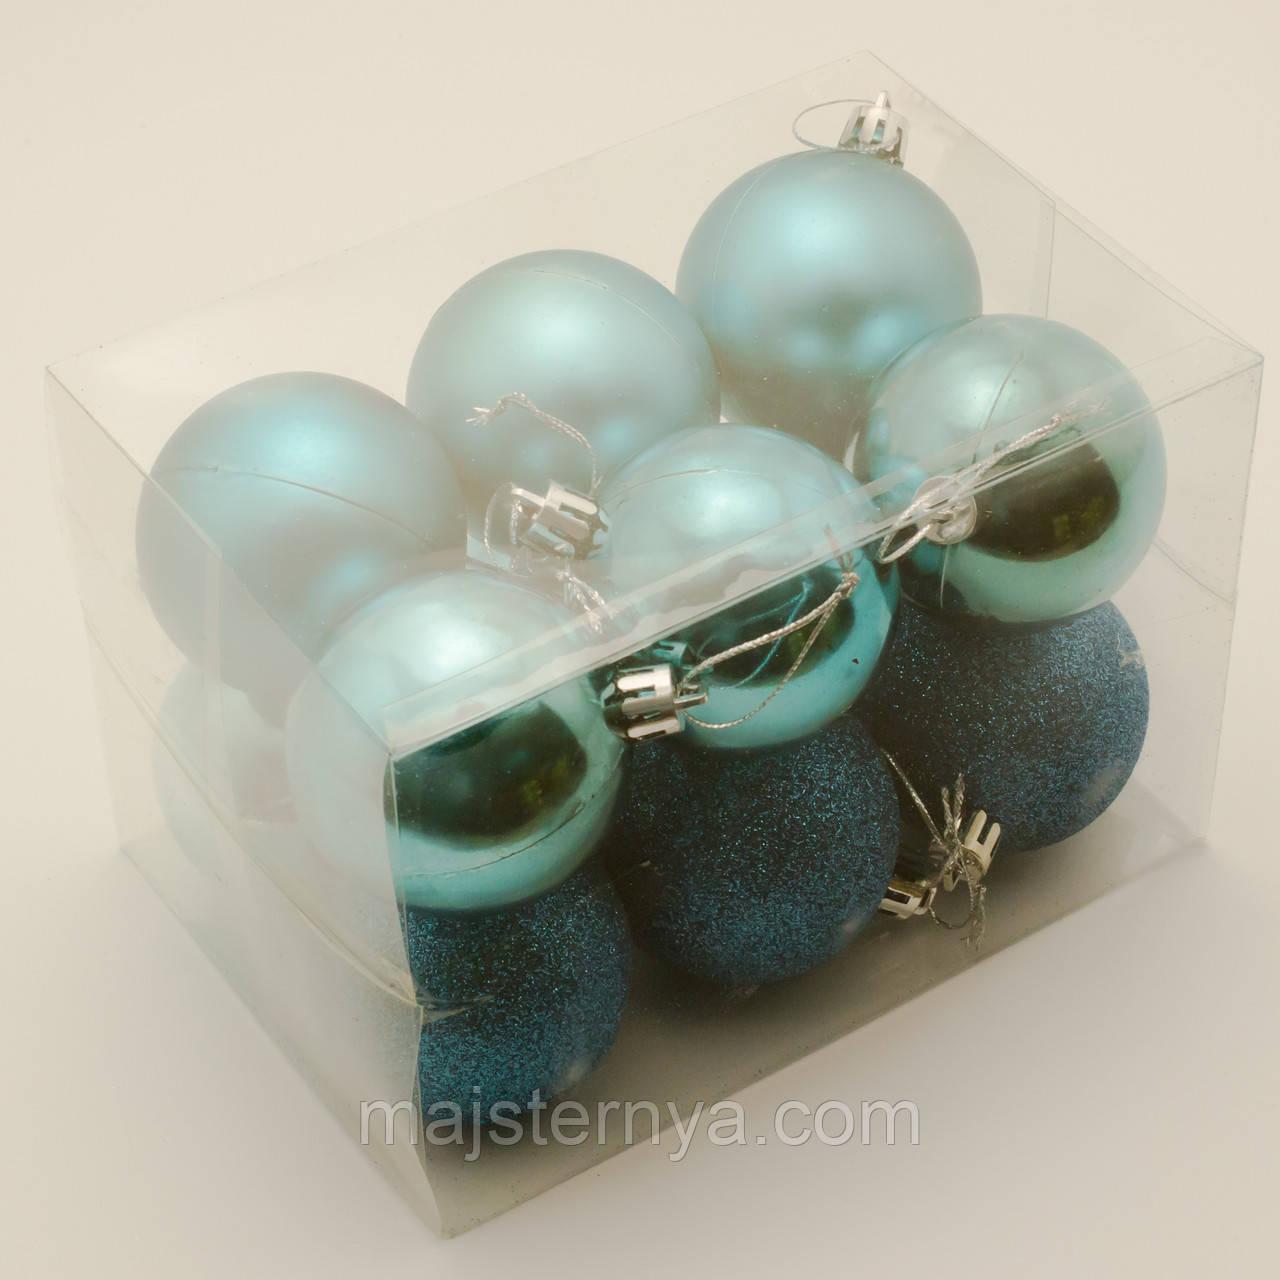 Новогодние шары на елку 6см (12шт в упаковке) бирюзовые